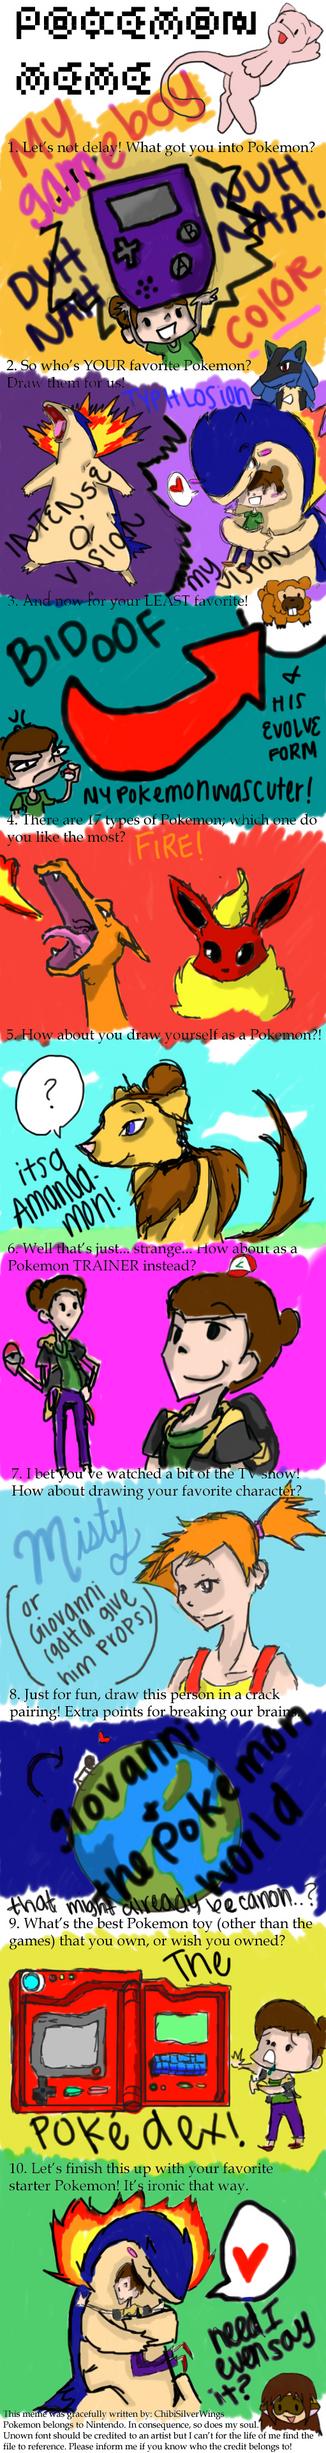 Pokemon Meme by LiveLongundProsper